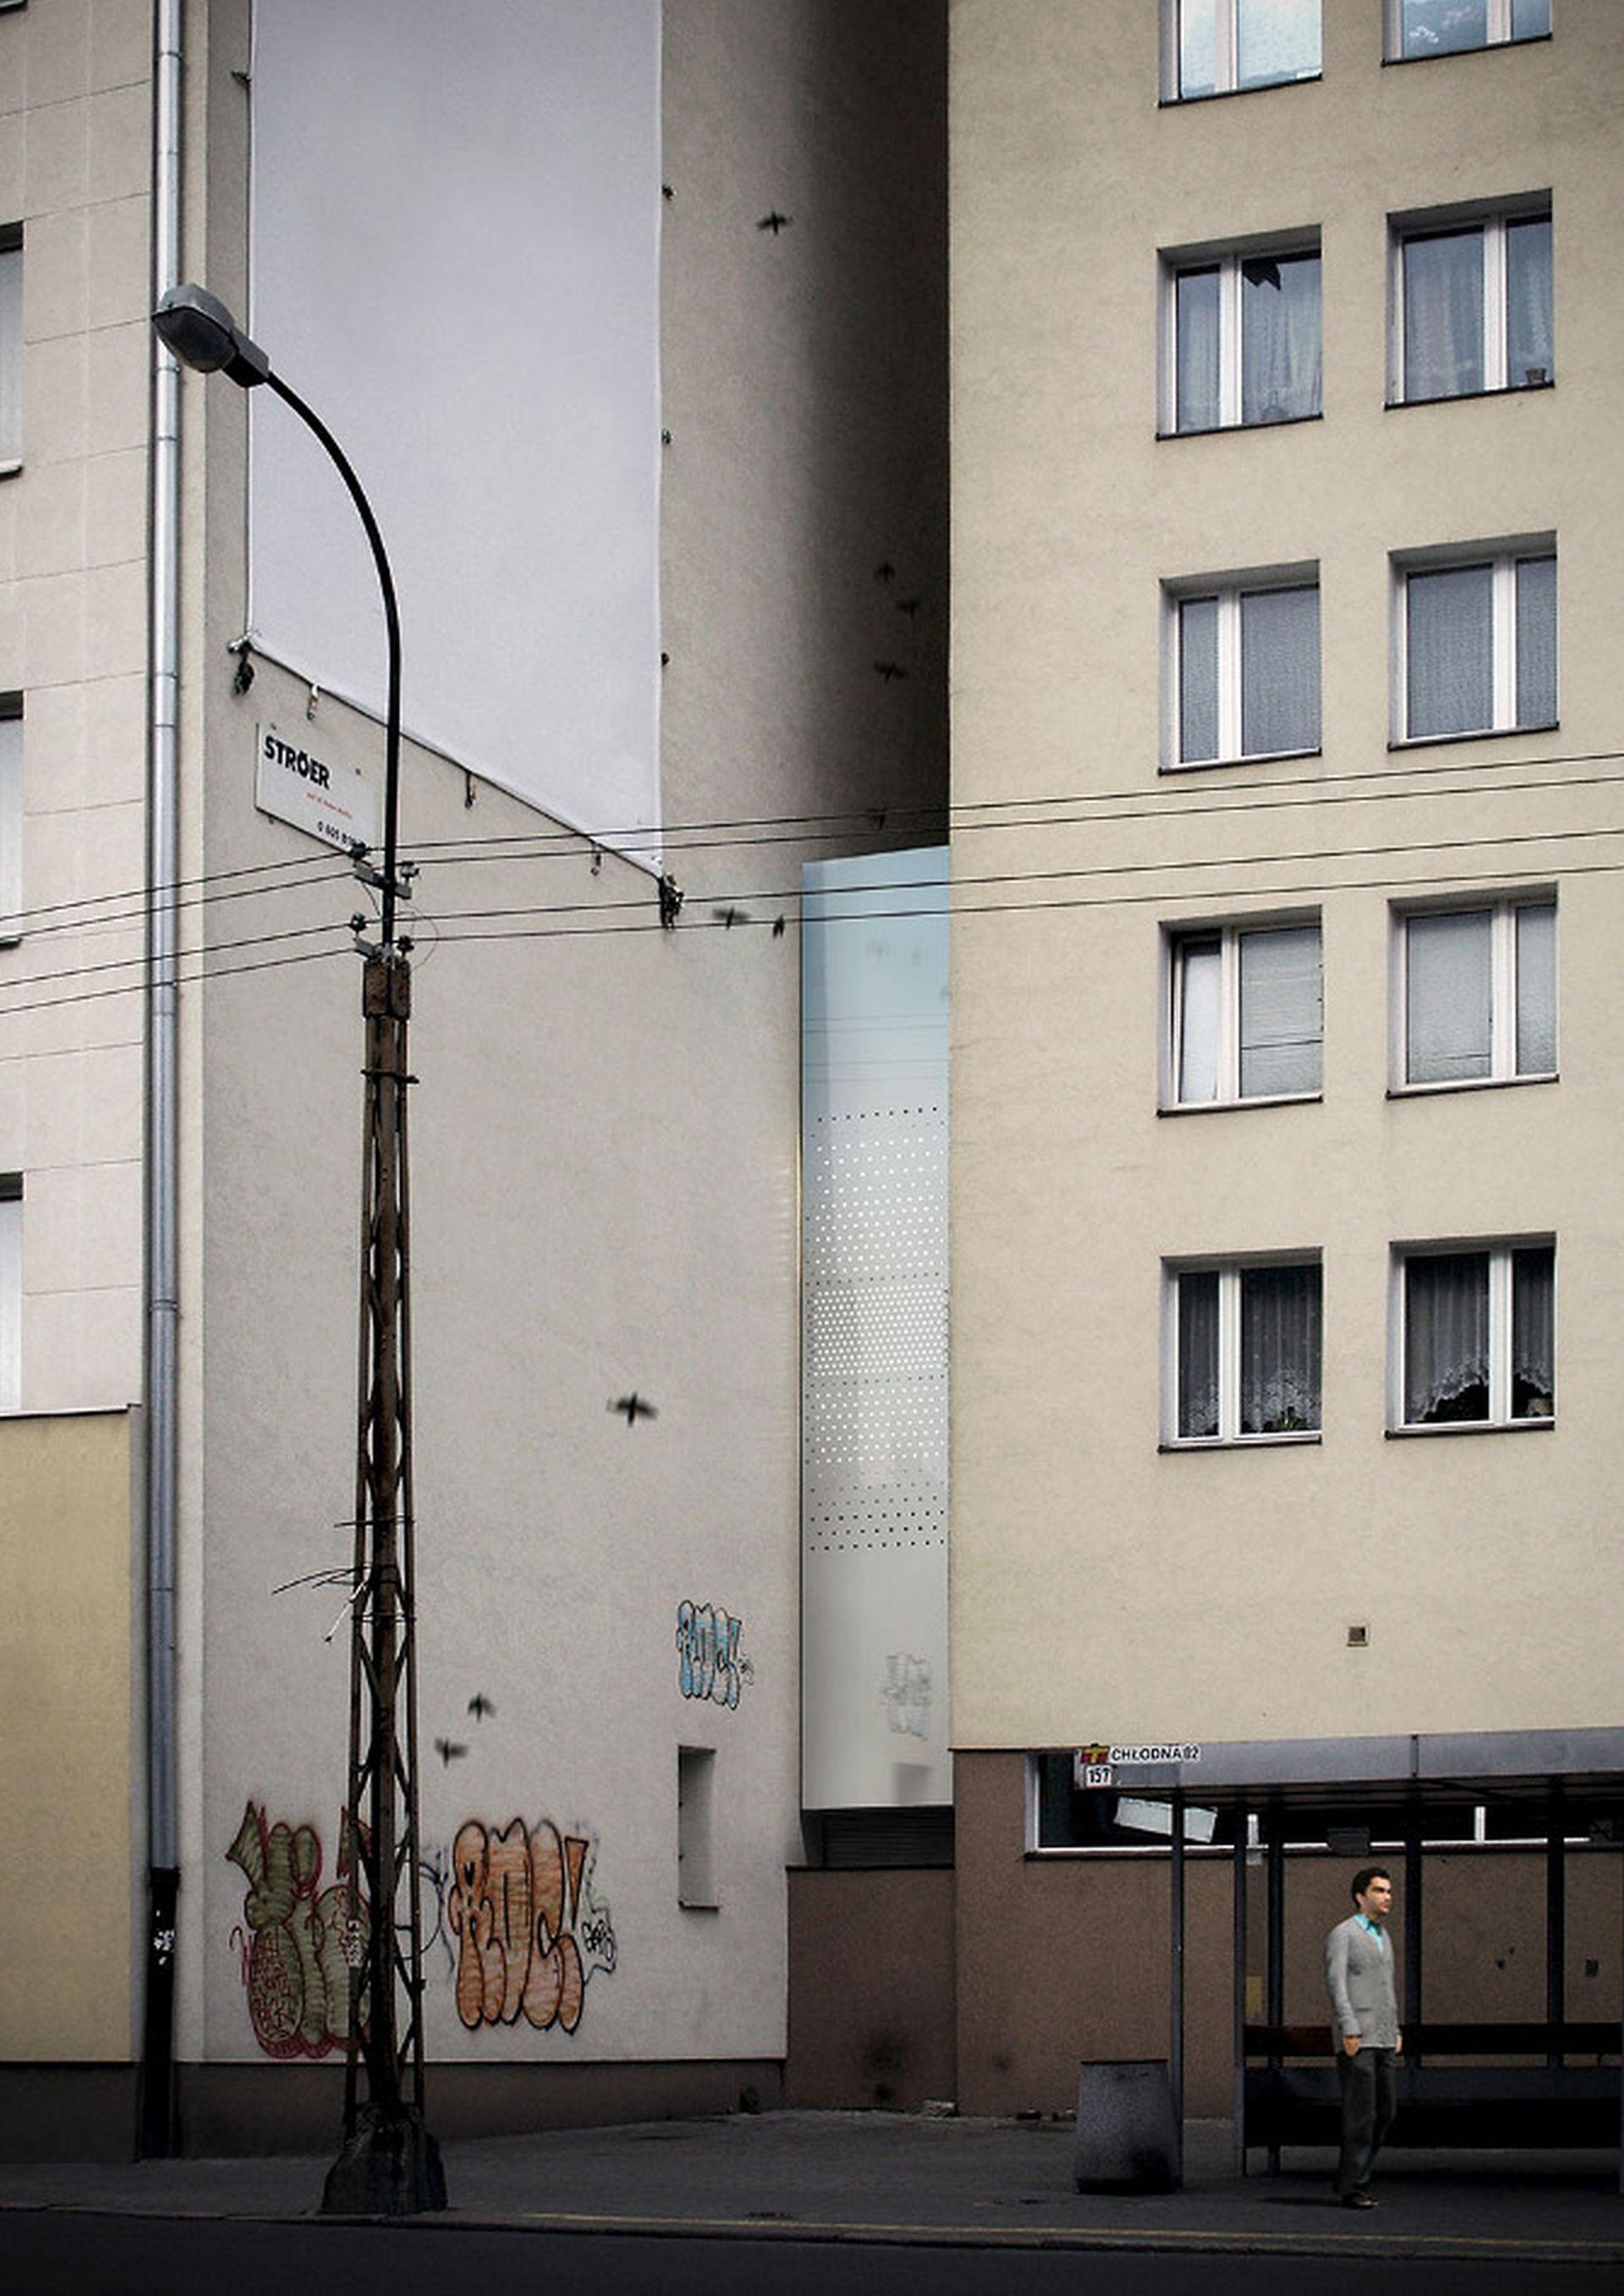 Dom Kereta - najwęższy dom w Polsce, zbudowany w szczelinie między dwoma blokami w Warszawie. Projekt: Jakub Szczęsny. Fot. www.domkereta.pl